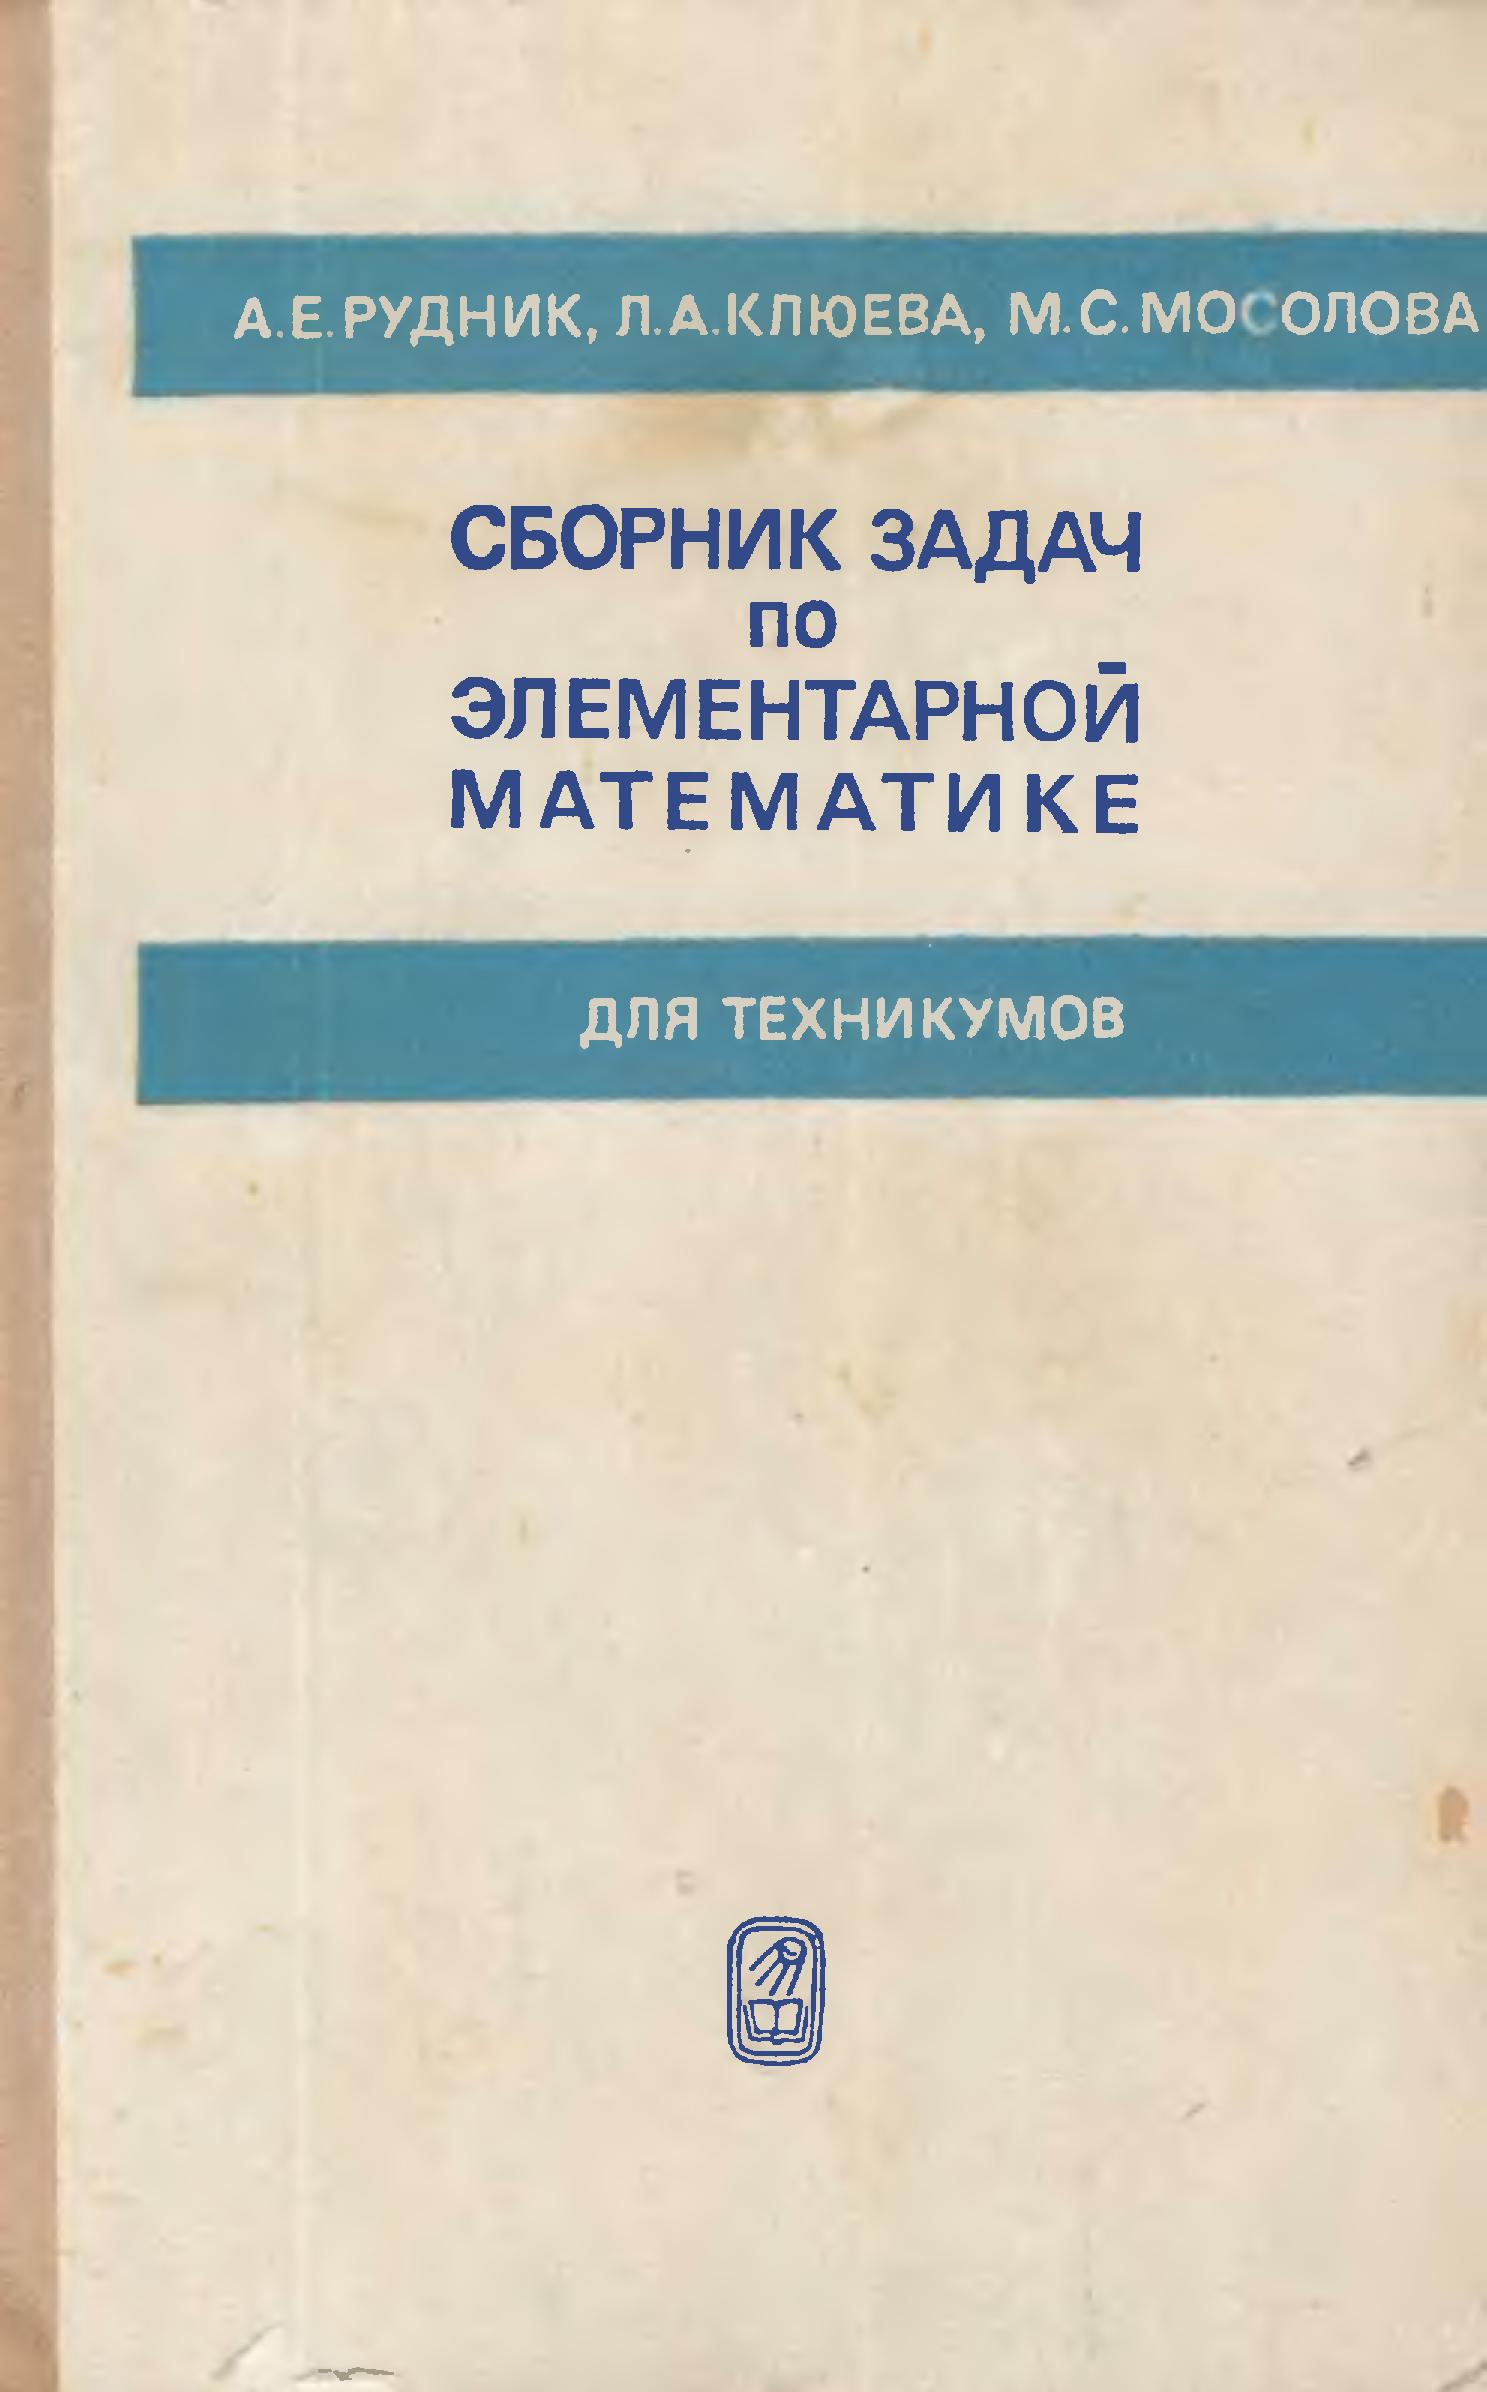 Решебник по сборнику задач гладкова добронравов